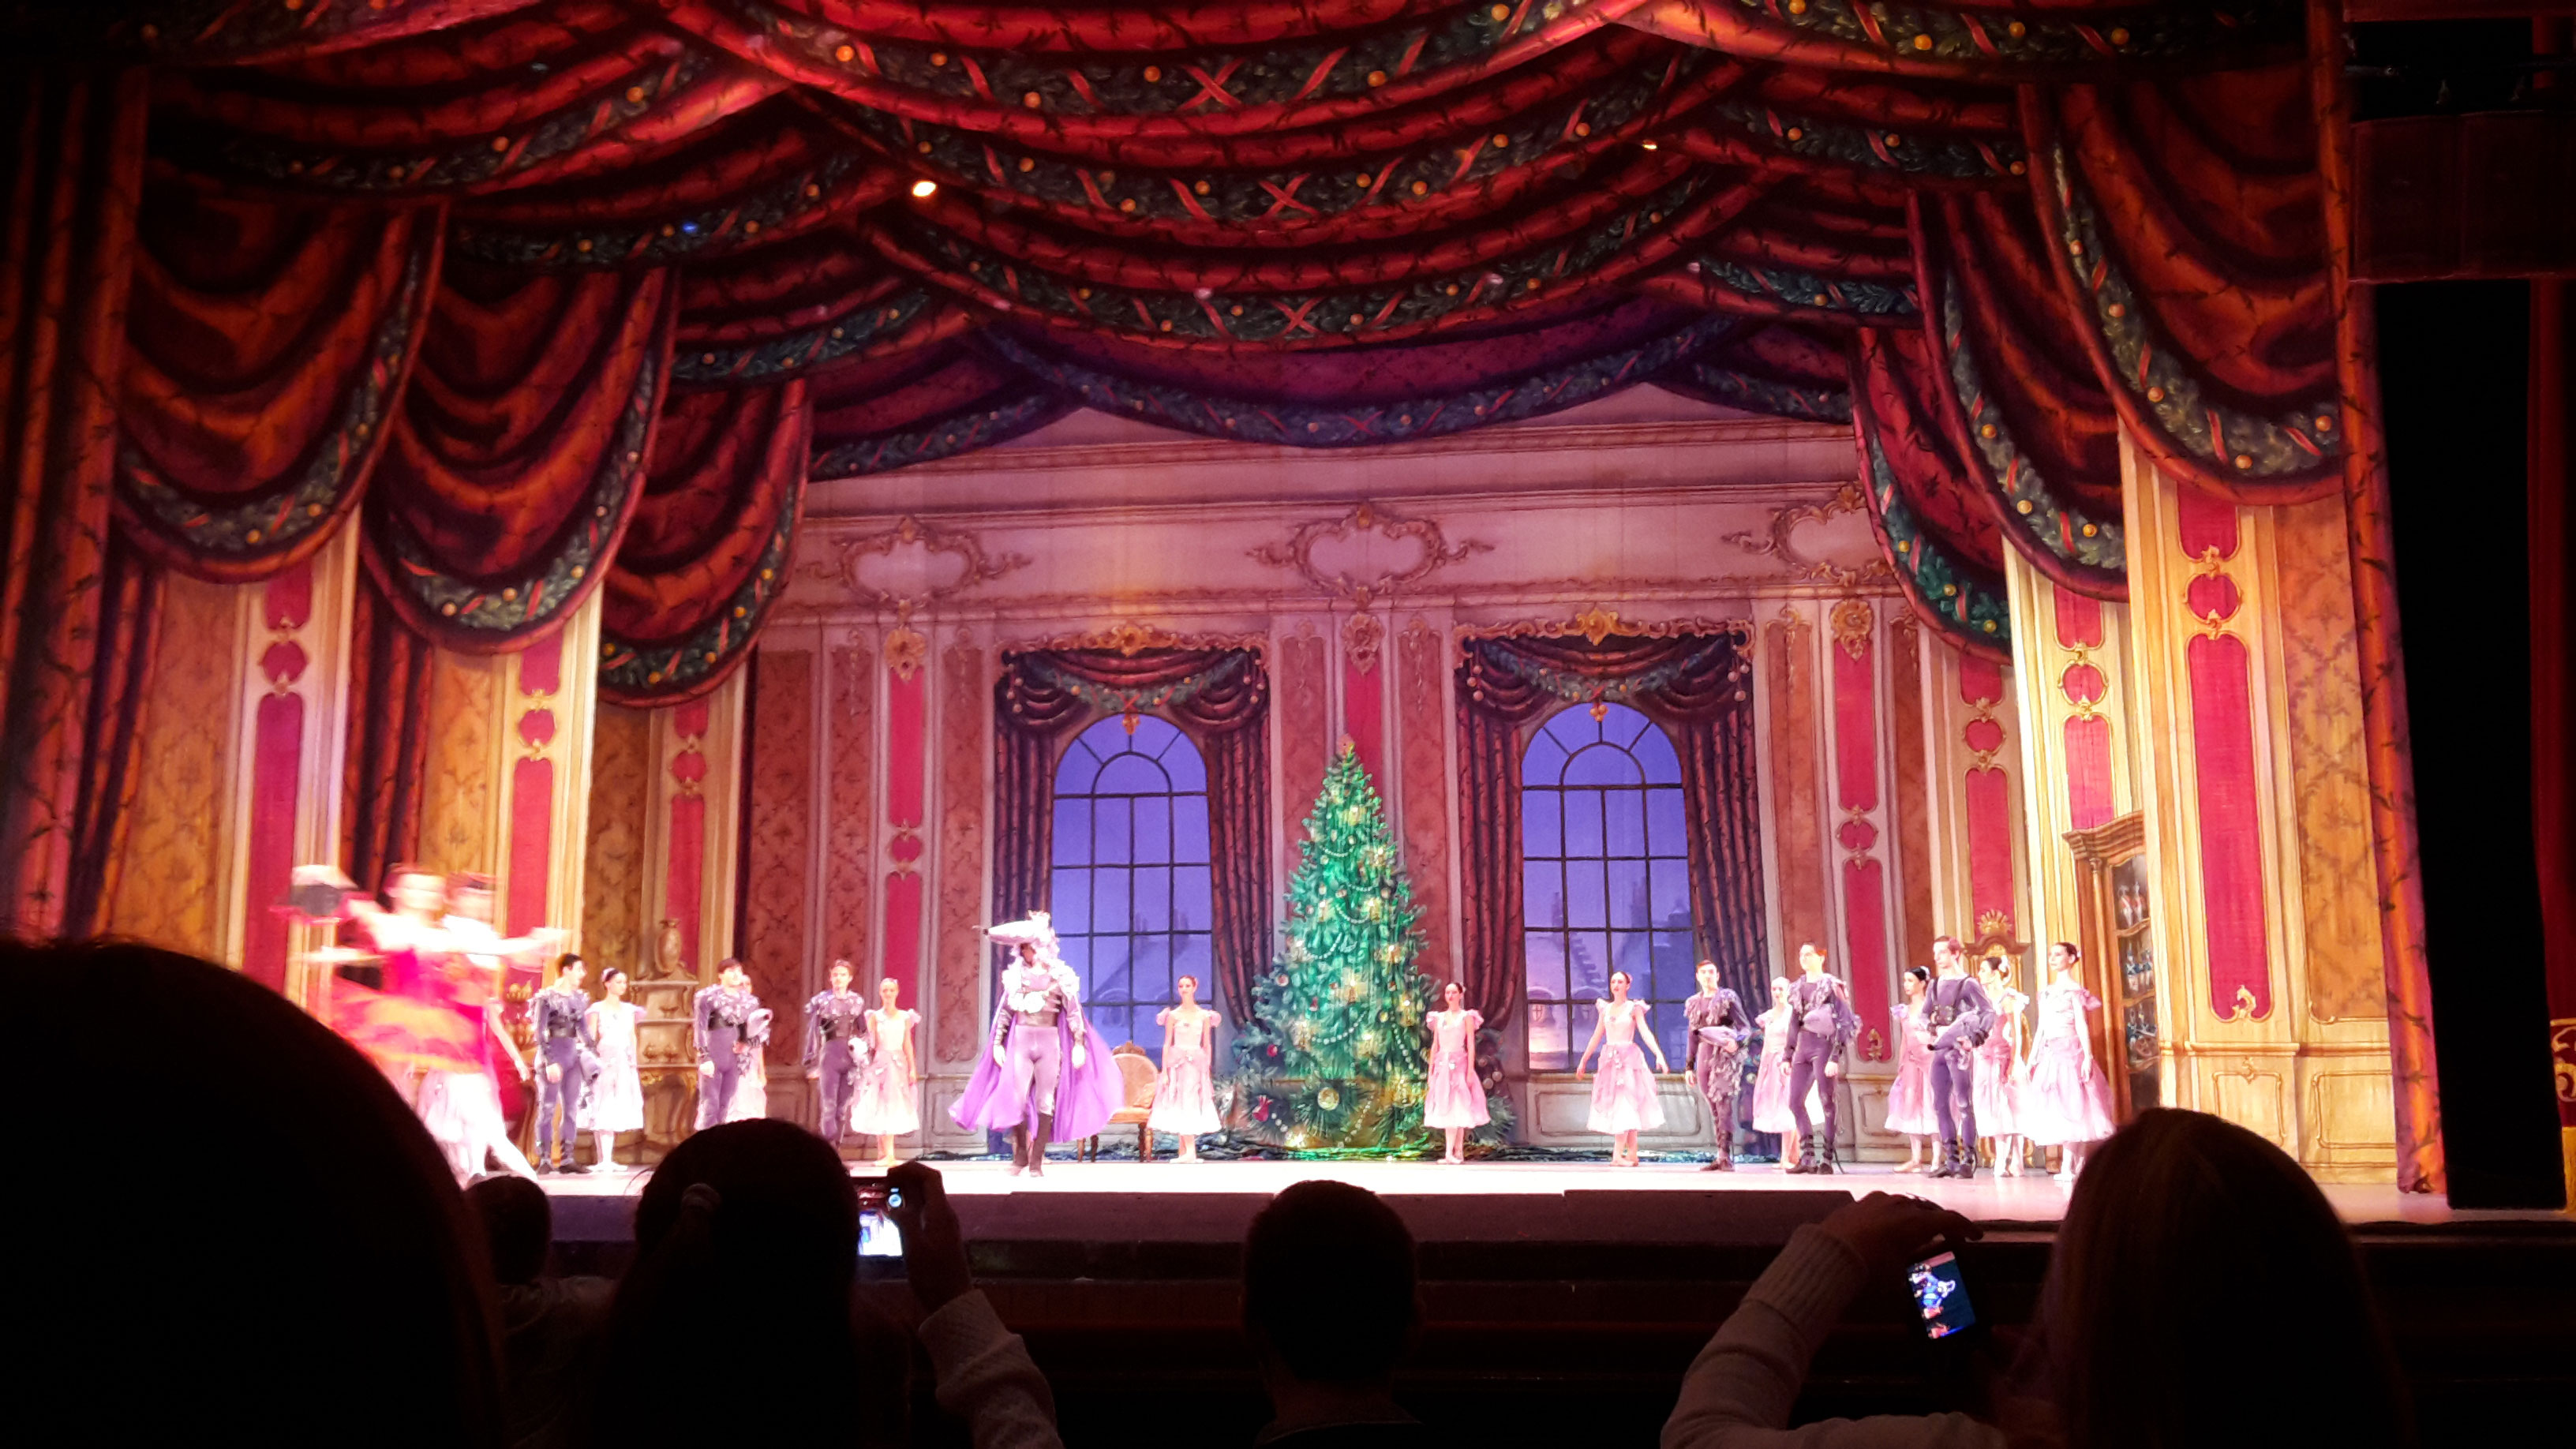 окончание выступления: все актёры выходят поочереди на сцену